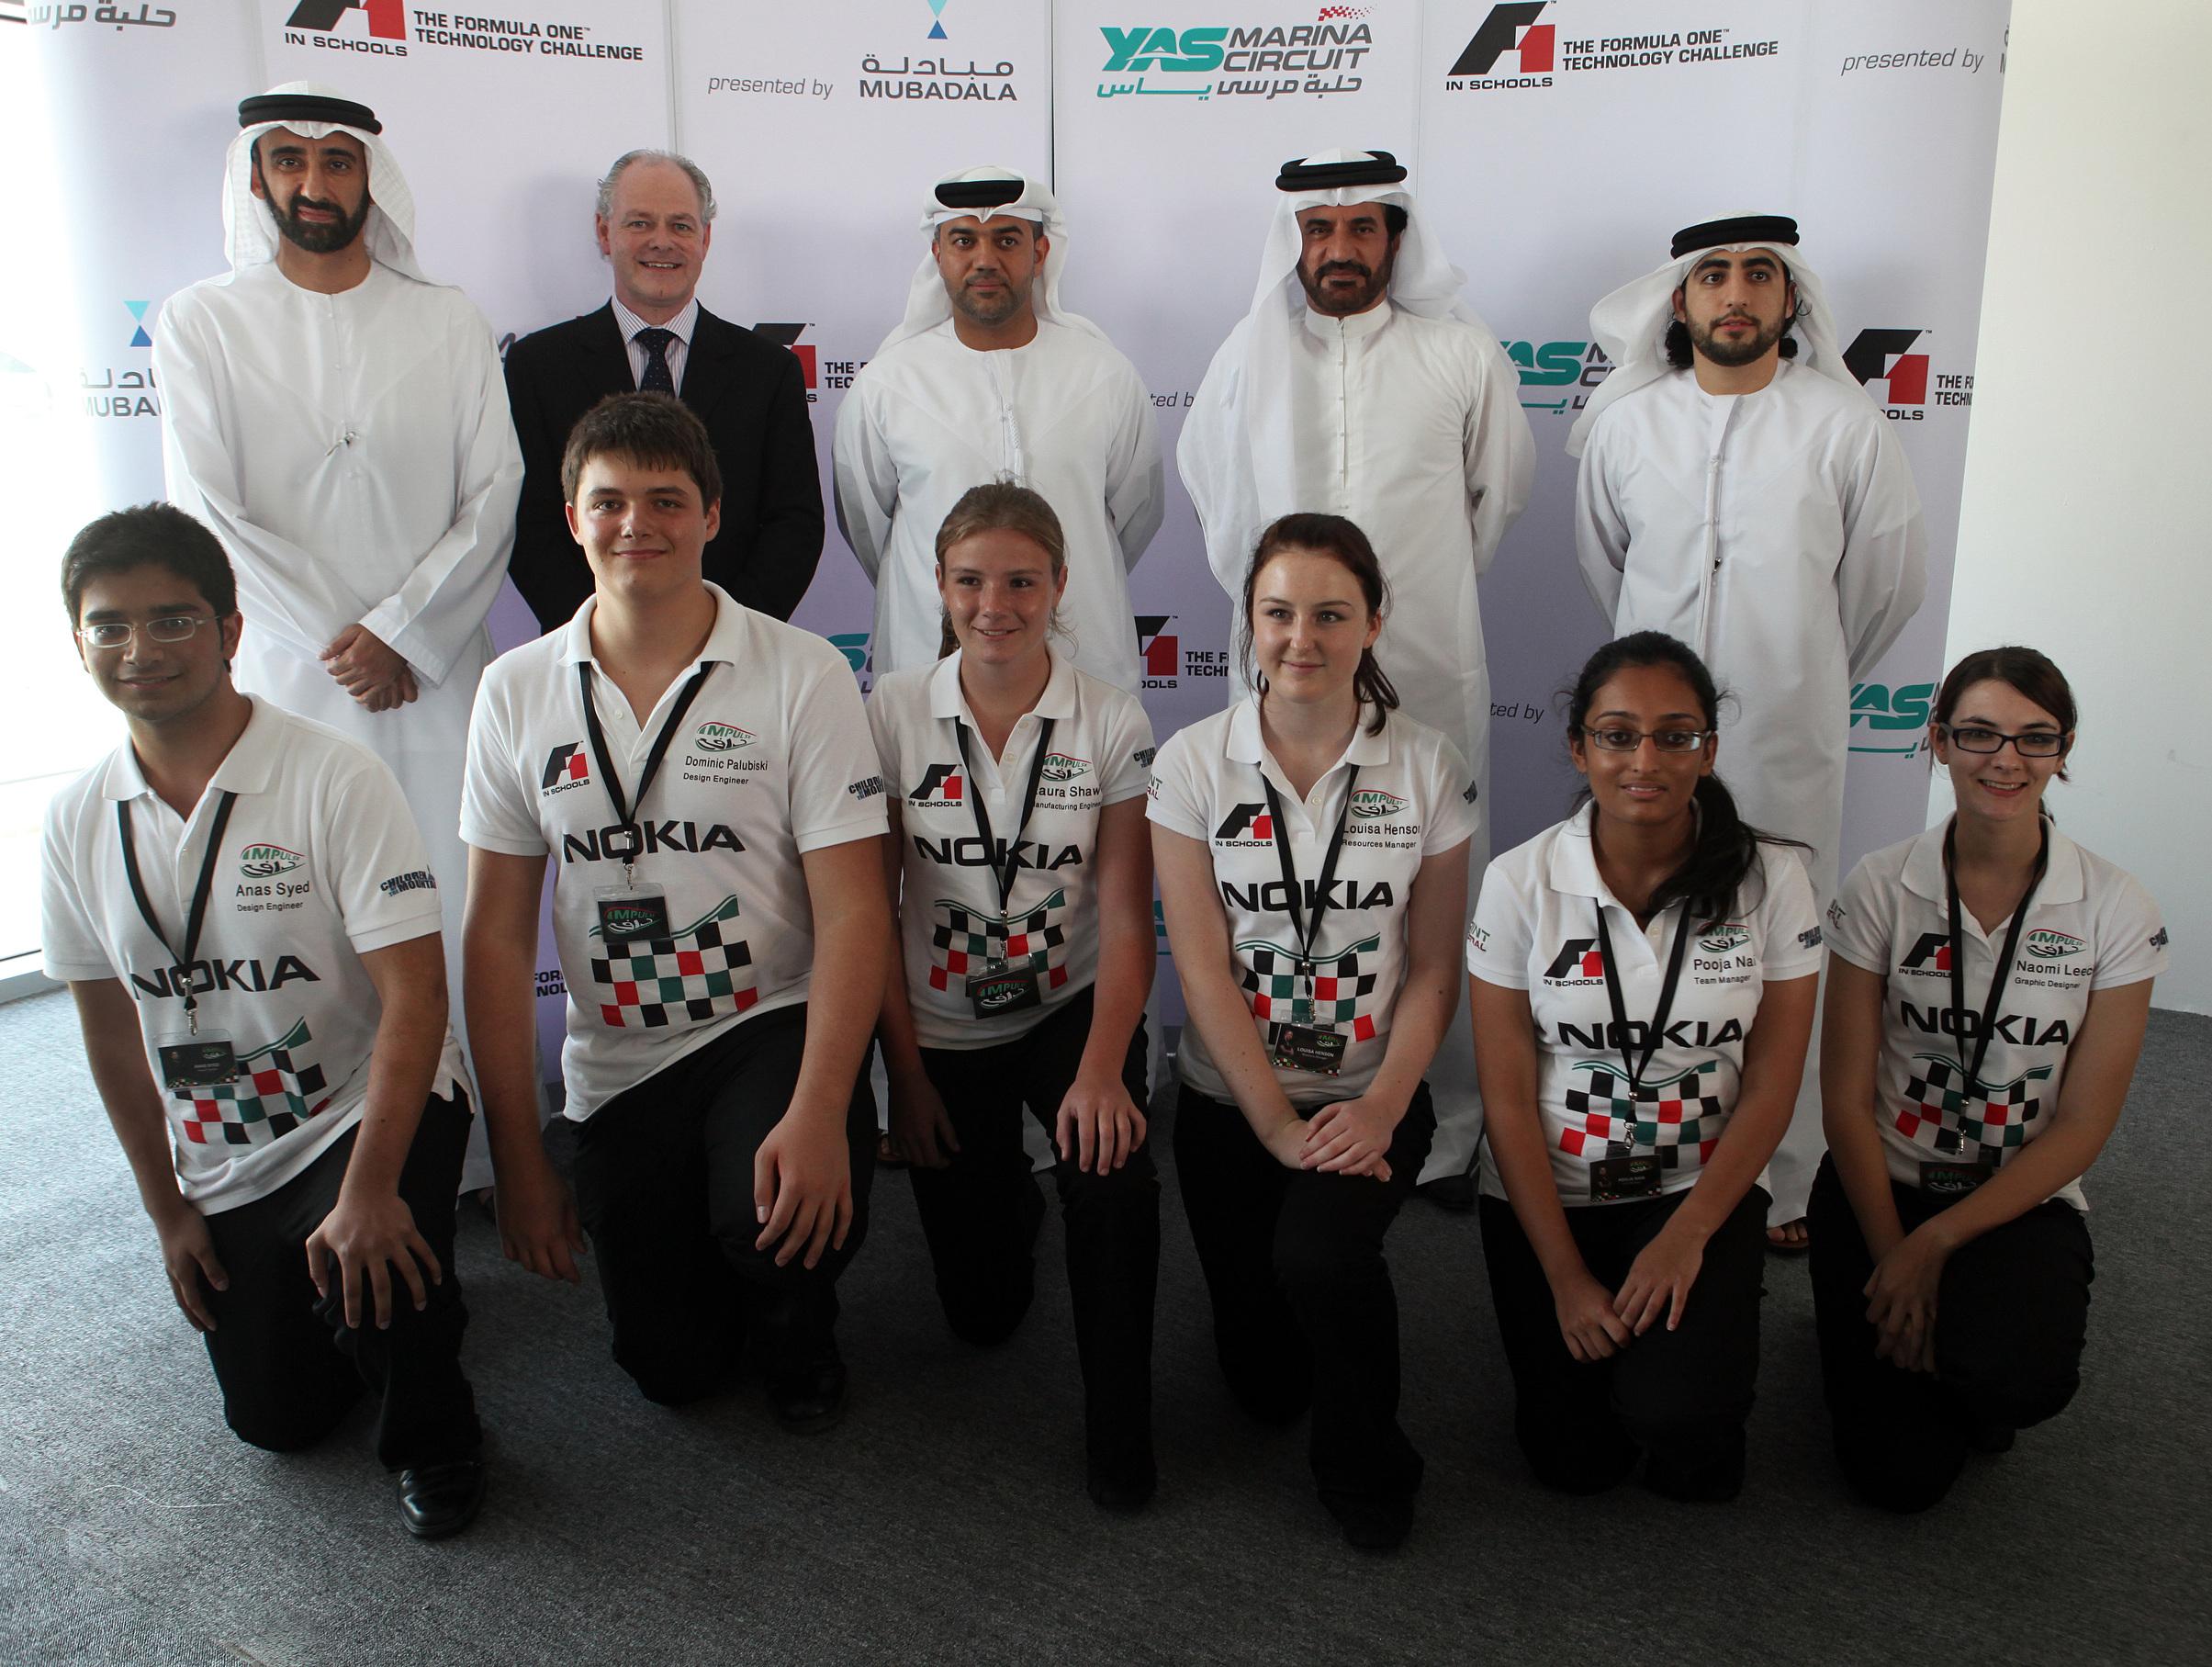 F1 in Schools 'Team Impulse' from Dubai College, will represent the UAE in Singapore